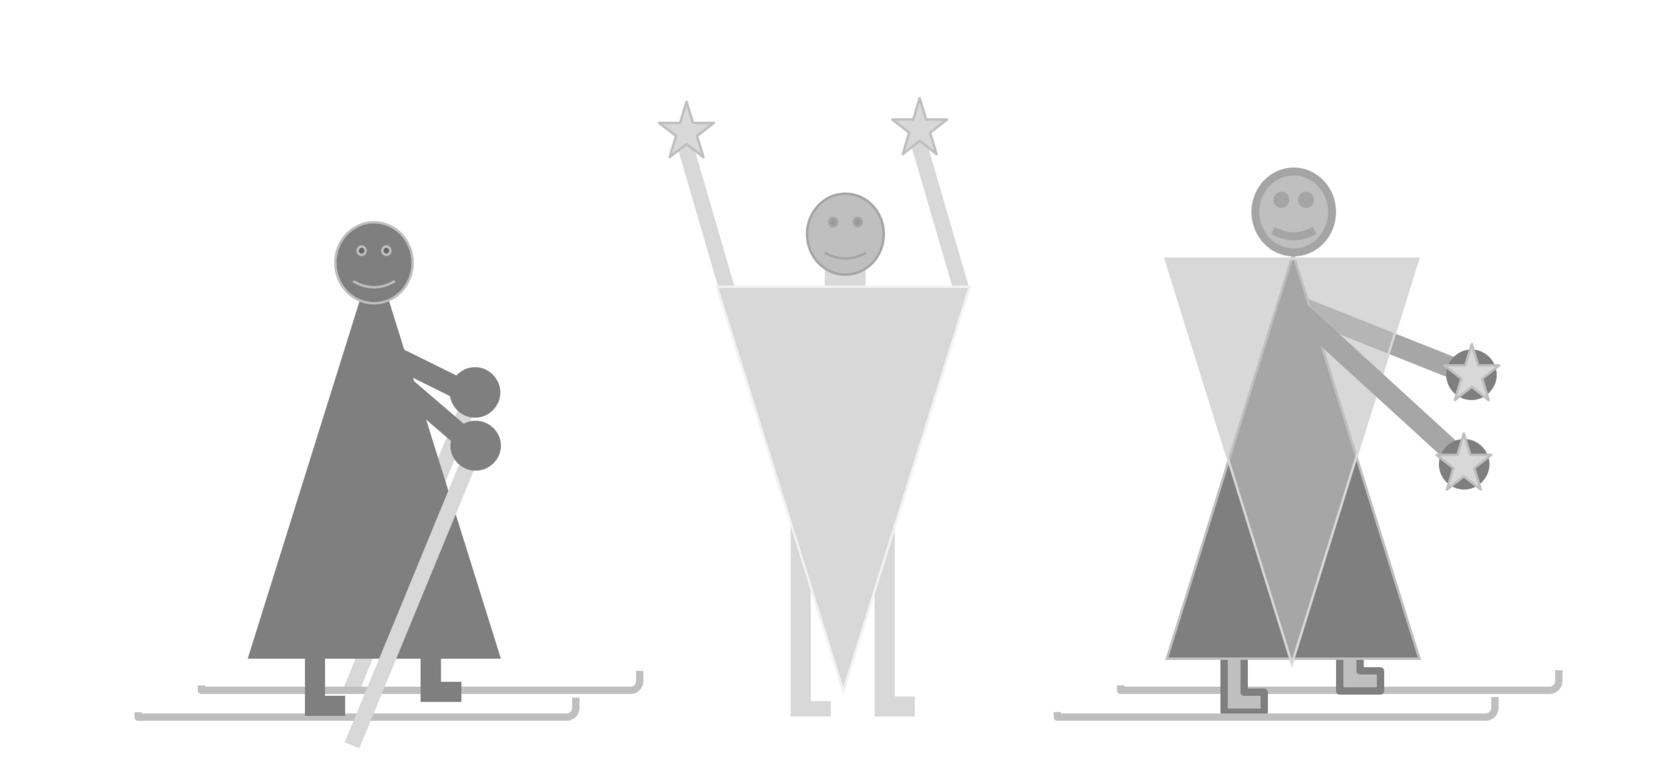 Skifahrer-Eurythmist-Skieurythmist vlnr.PNG